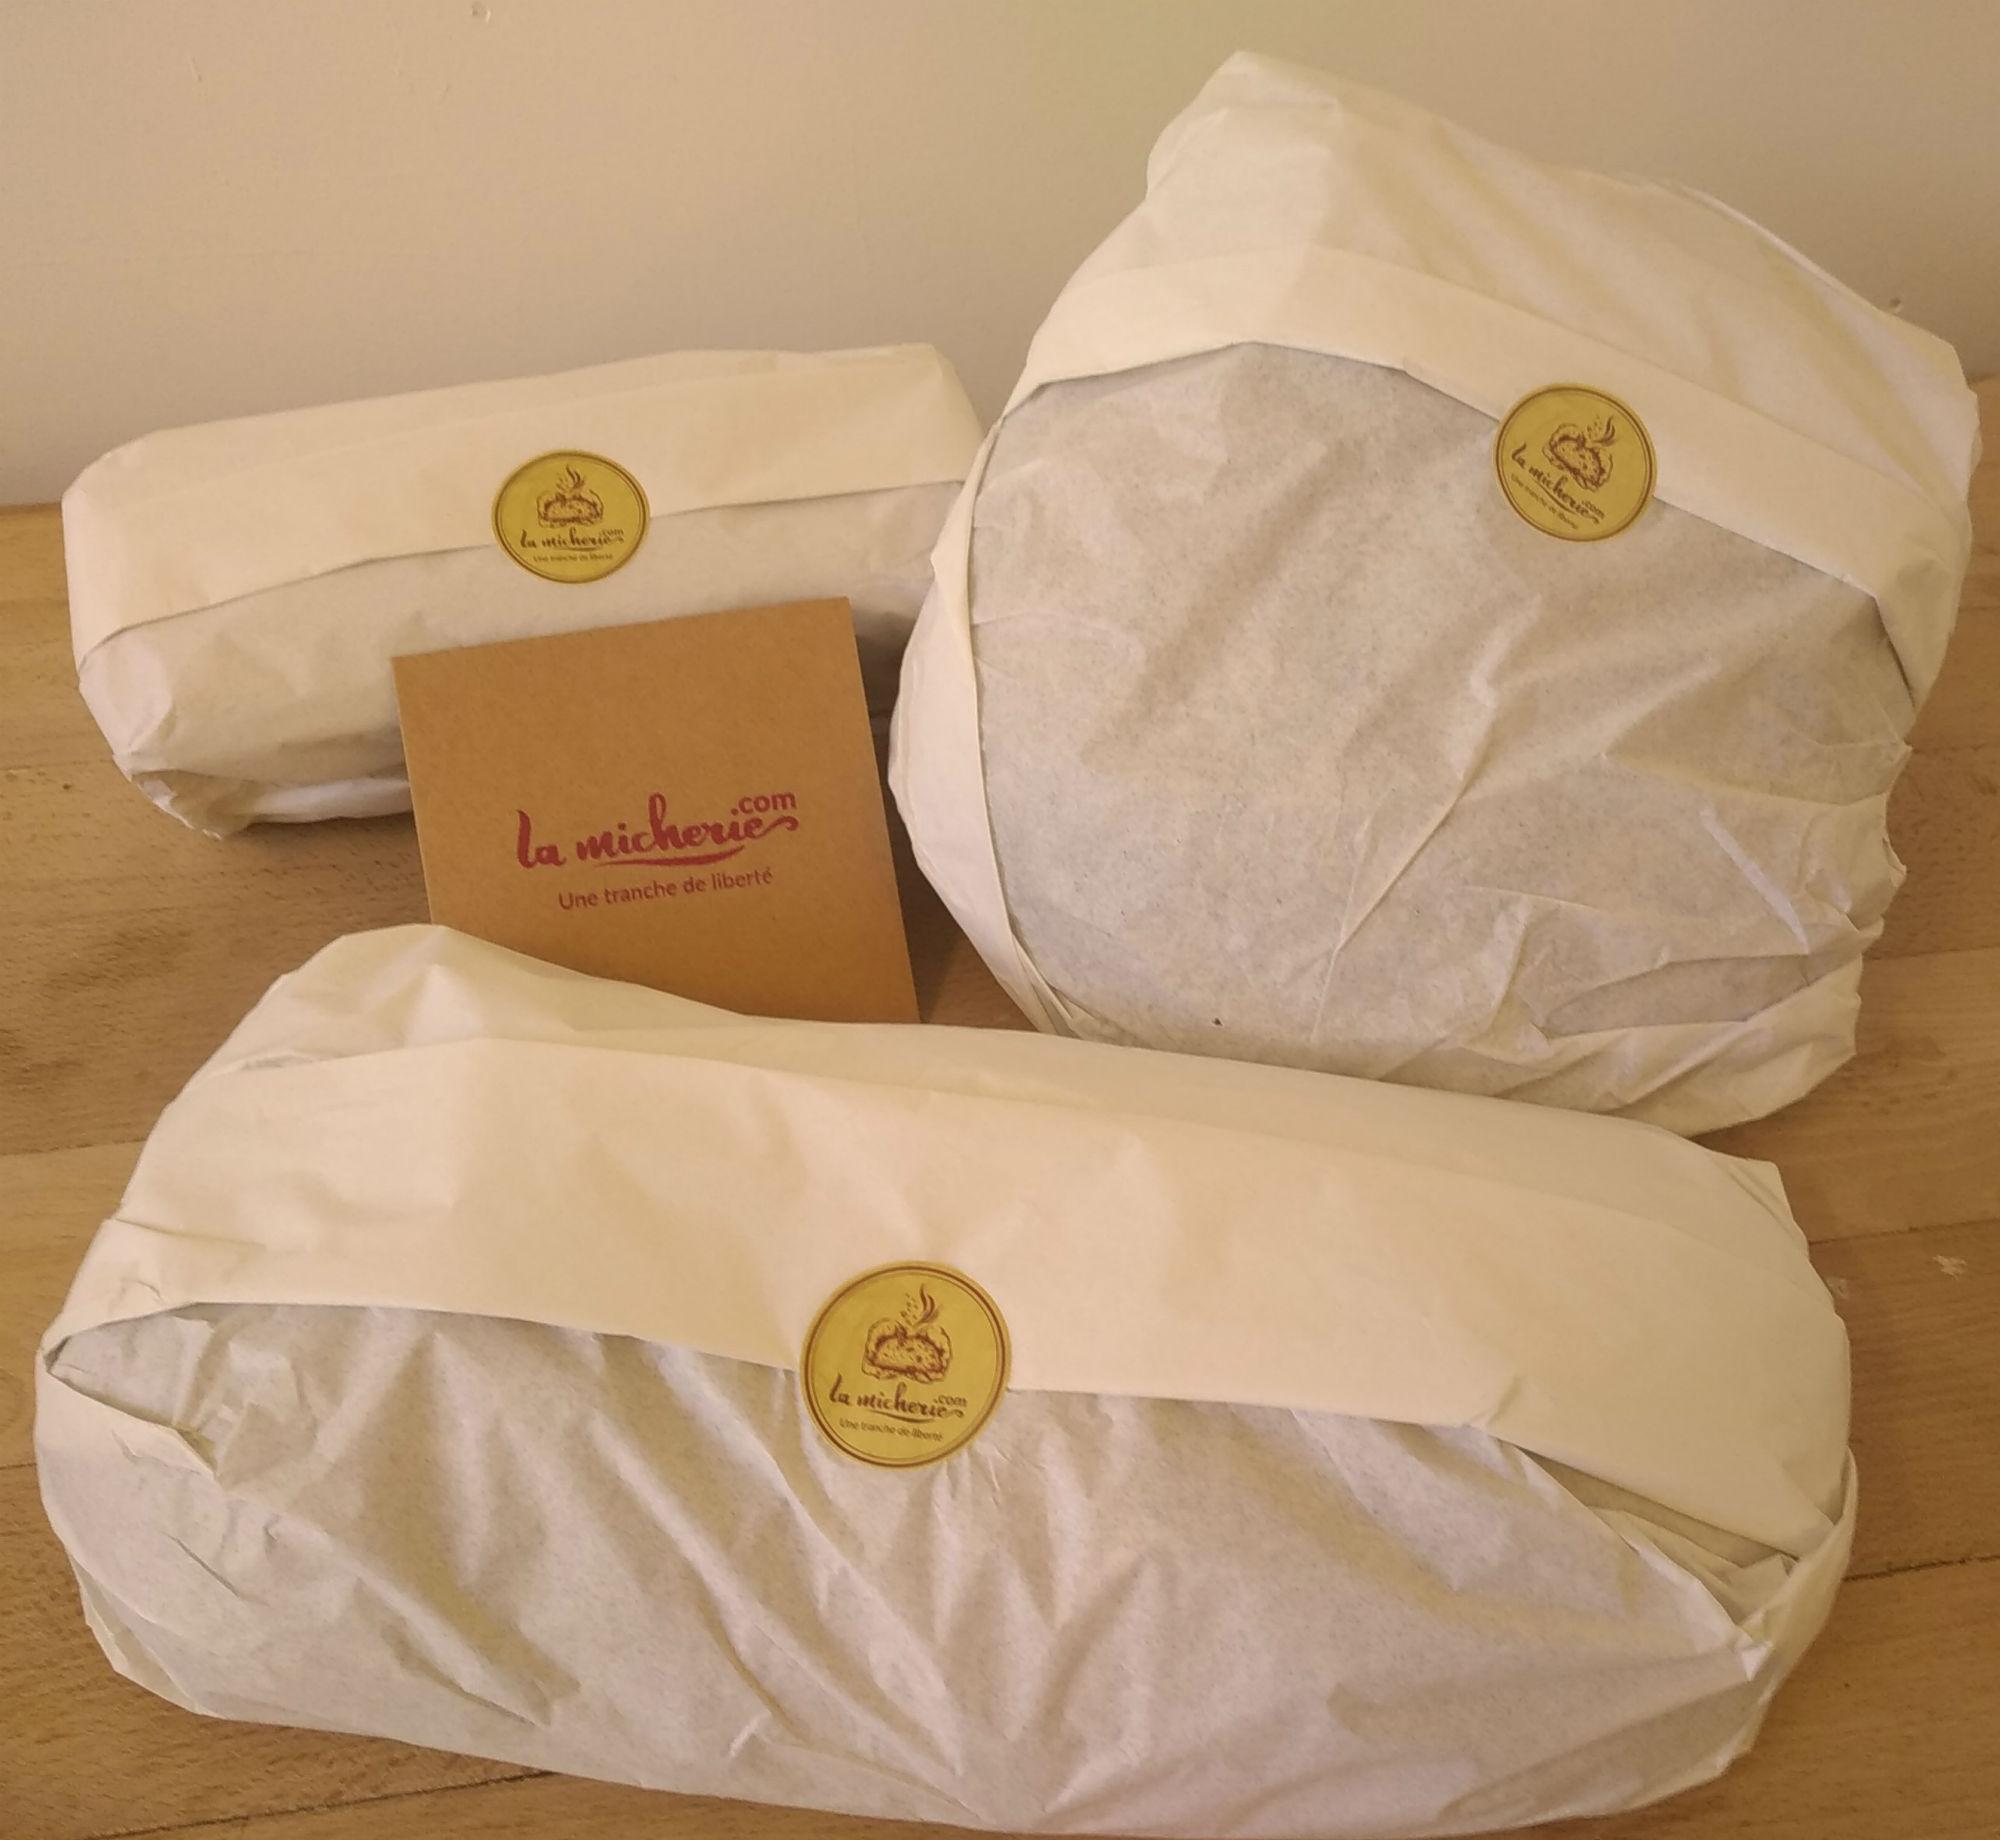 0c0e7a0c061 envoi-postal-expédition-colis-pain-levain-farine-bio-